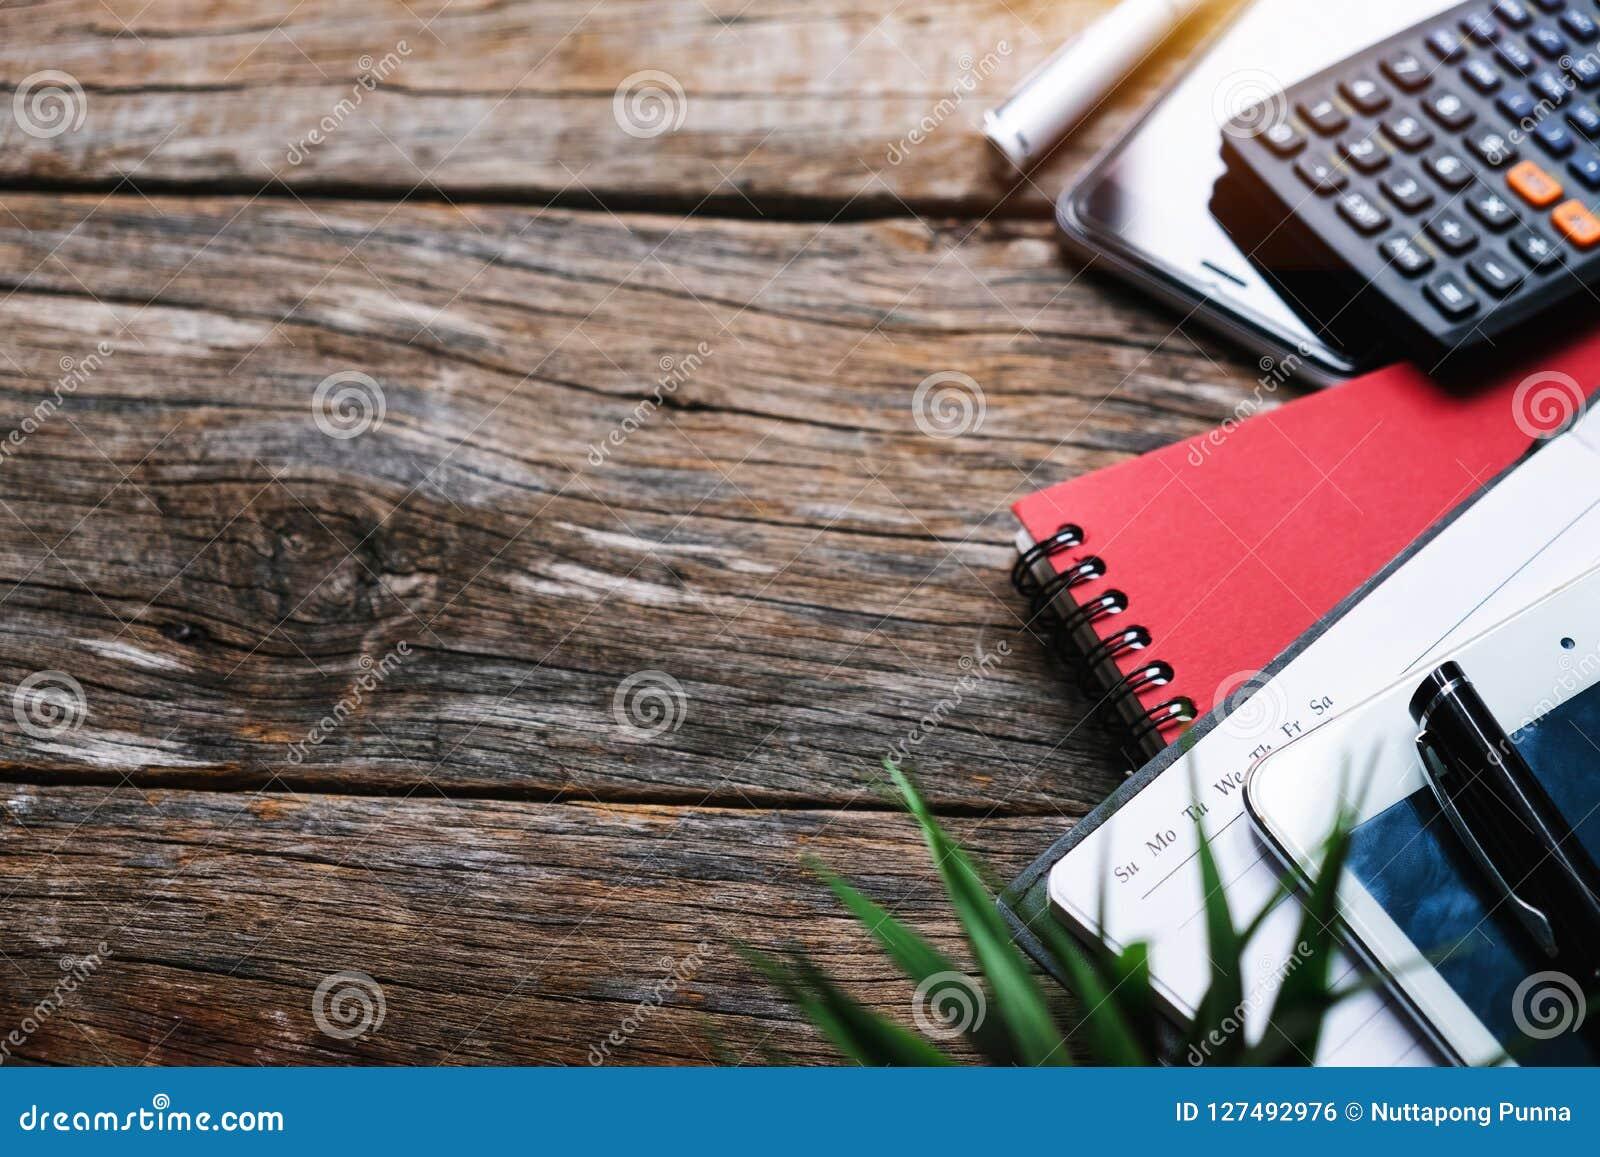 Conceito da vista superior com agenda, telefone celular, tabuleta e calculadora